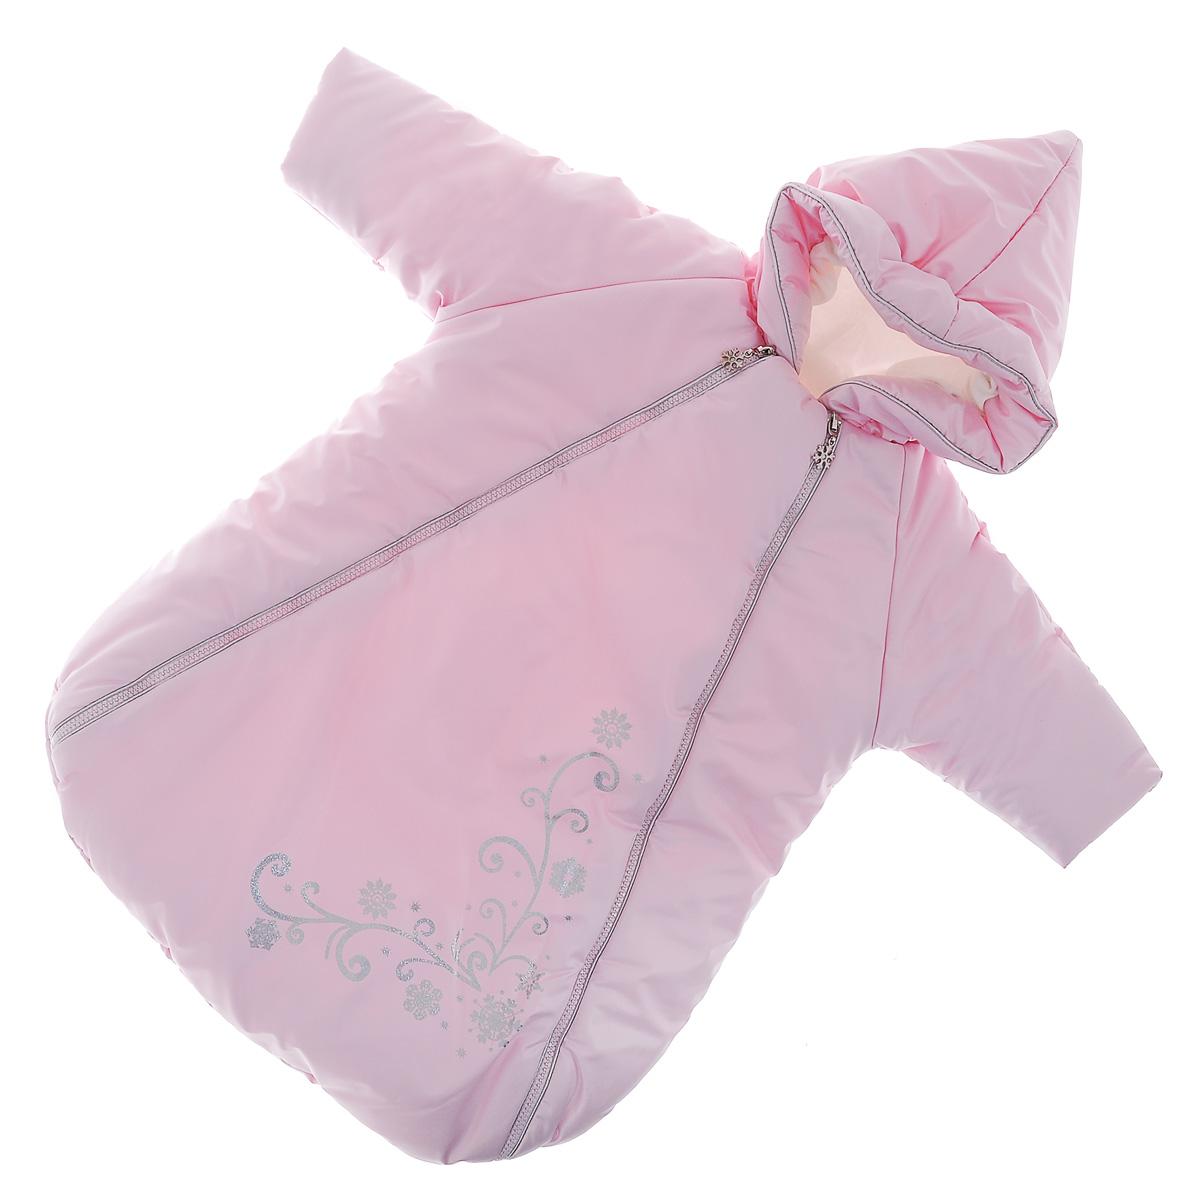 Конверт для новорожденного Сонный гномик Снежинка, цвет: розовый. 977/2. Возраст 0/9 месяцев977/2Теплый конверт для новорожденного Сонный гномик Снежинка идеально подойдет для ребенка в холодное время года. Конверт изготовлен из водоотталкивающей и ветрозащитной ткани Dewspo (100% полиэстер) на подкладке из шерсти с добавлением полиэстера. В качестве утеплителя используется шелтер (100% полиэстер).Шелтер (Shelter) - утеплитель нового поколения с тонкими волокнами. Его более мягкие ячейки лучше удерживают воздух, эффективнее сохраняя тепло. Более частые связи между волокнами делают утеплитель прочным и позволяют сохранить его свойства даже после многократных стирок. Утеплитель шелтер максимально защищает от холода и не стесняет движений.Конверт с капюшоном и рукавами-реглан спереди застегивается на две длинные застежки-молнии, а также клапаном на липучку под подбородком. Капюшон не отстегивается и присборен по краю на эластичную резинку. Рукава дополнены внутренними эластичными манжетами и отворотами. Подкладка рукавов для большего комфорта дополнена мягким теплым флисом. Оформлено изделие термоаппликацией с изображением узоров и снежинок с блестящим напылением.Комфортный, удобный и практичный, этот конверт идеально подойдет для прогулок на свежем воздухе!